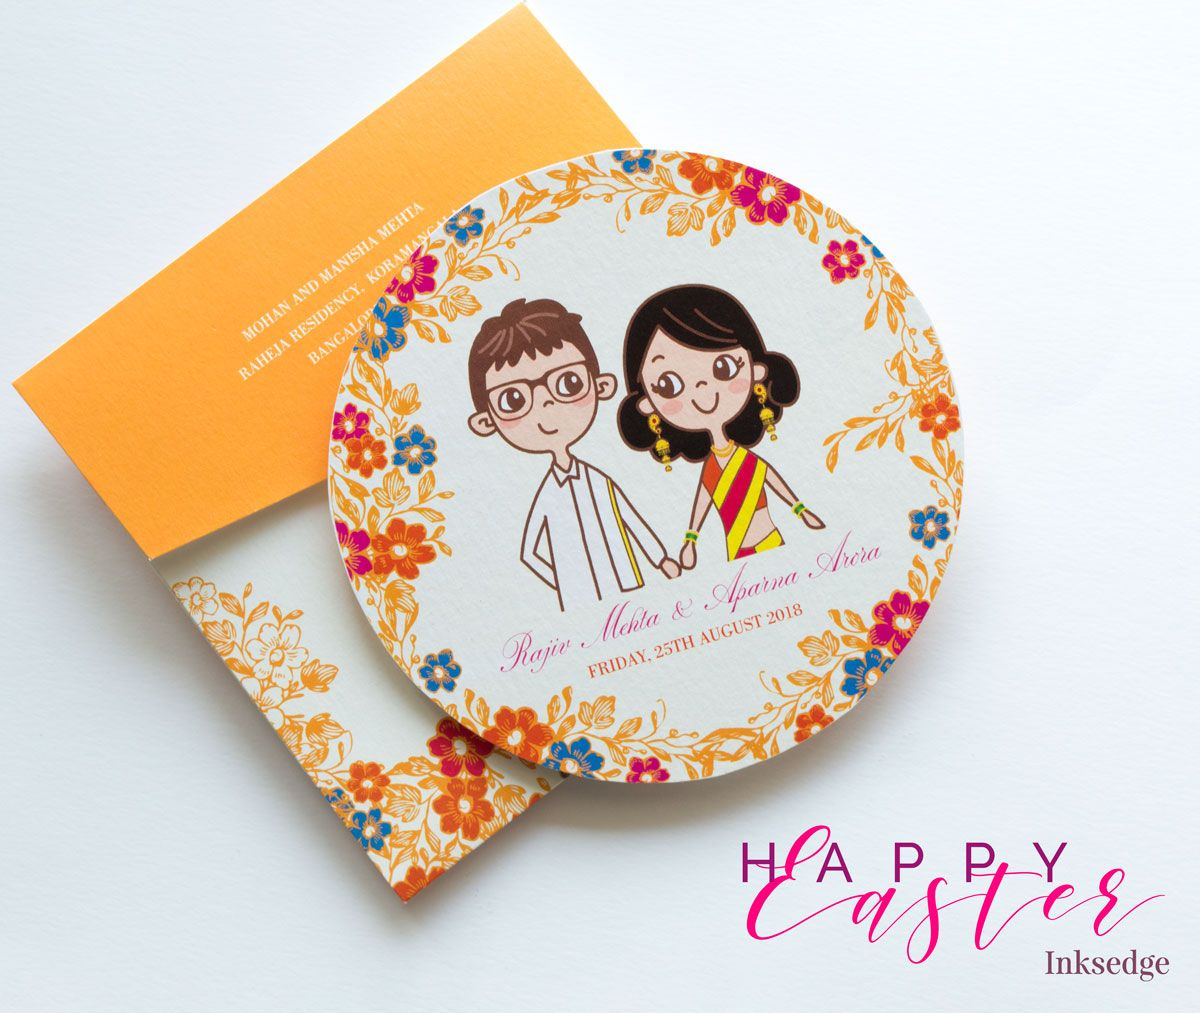 Awesome Wedding Invitations Retro Chic Saffron Creative Wedding Invitation Cards Retro